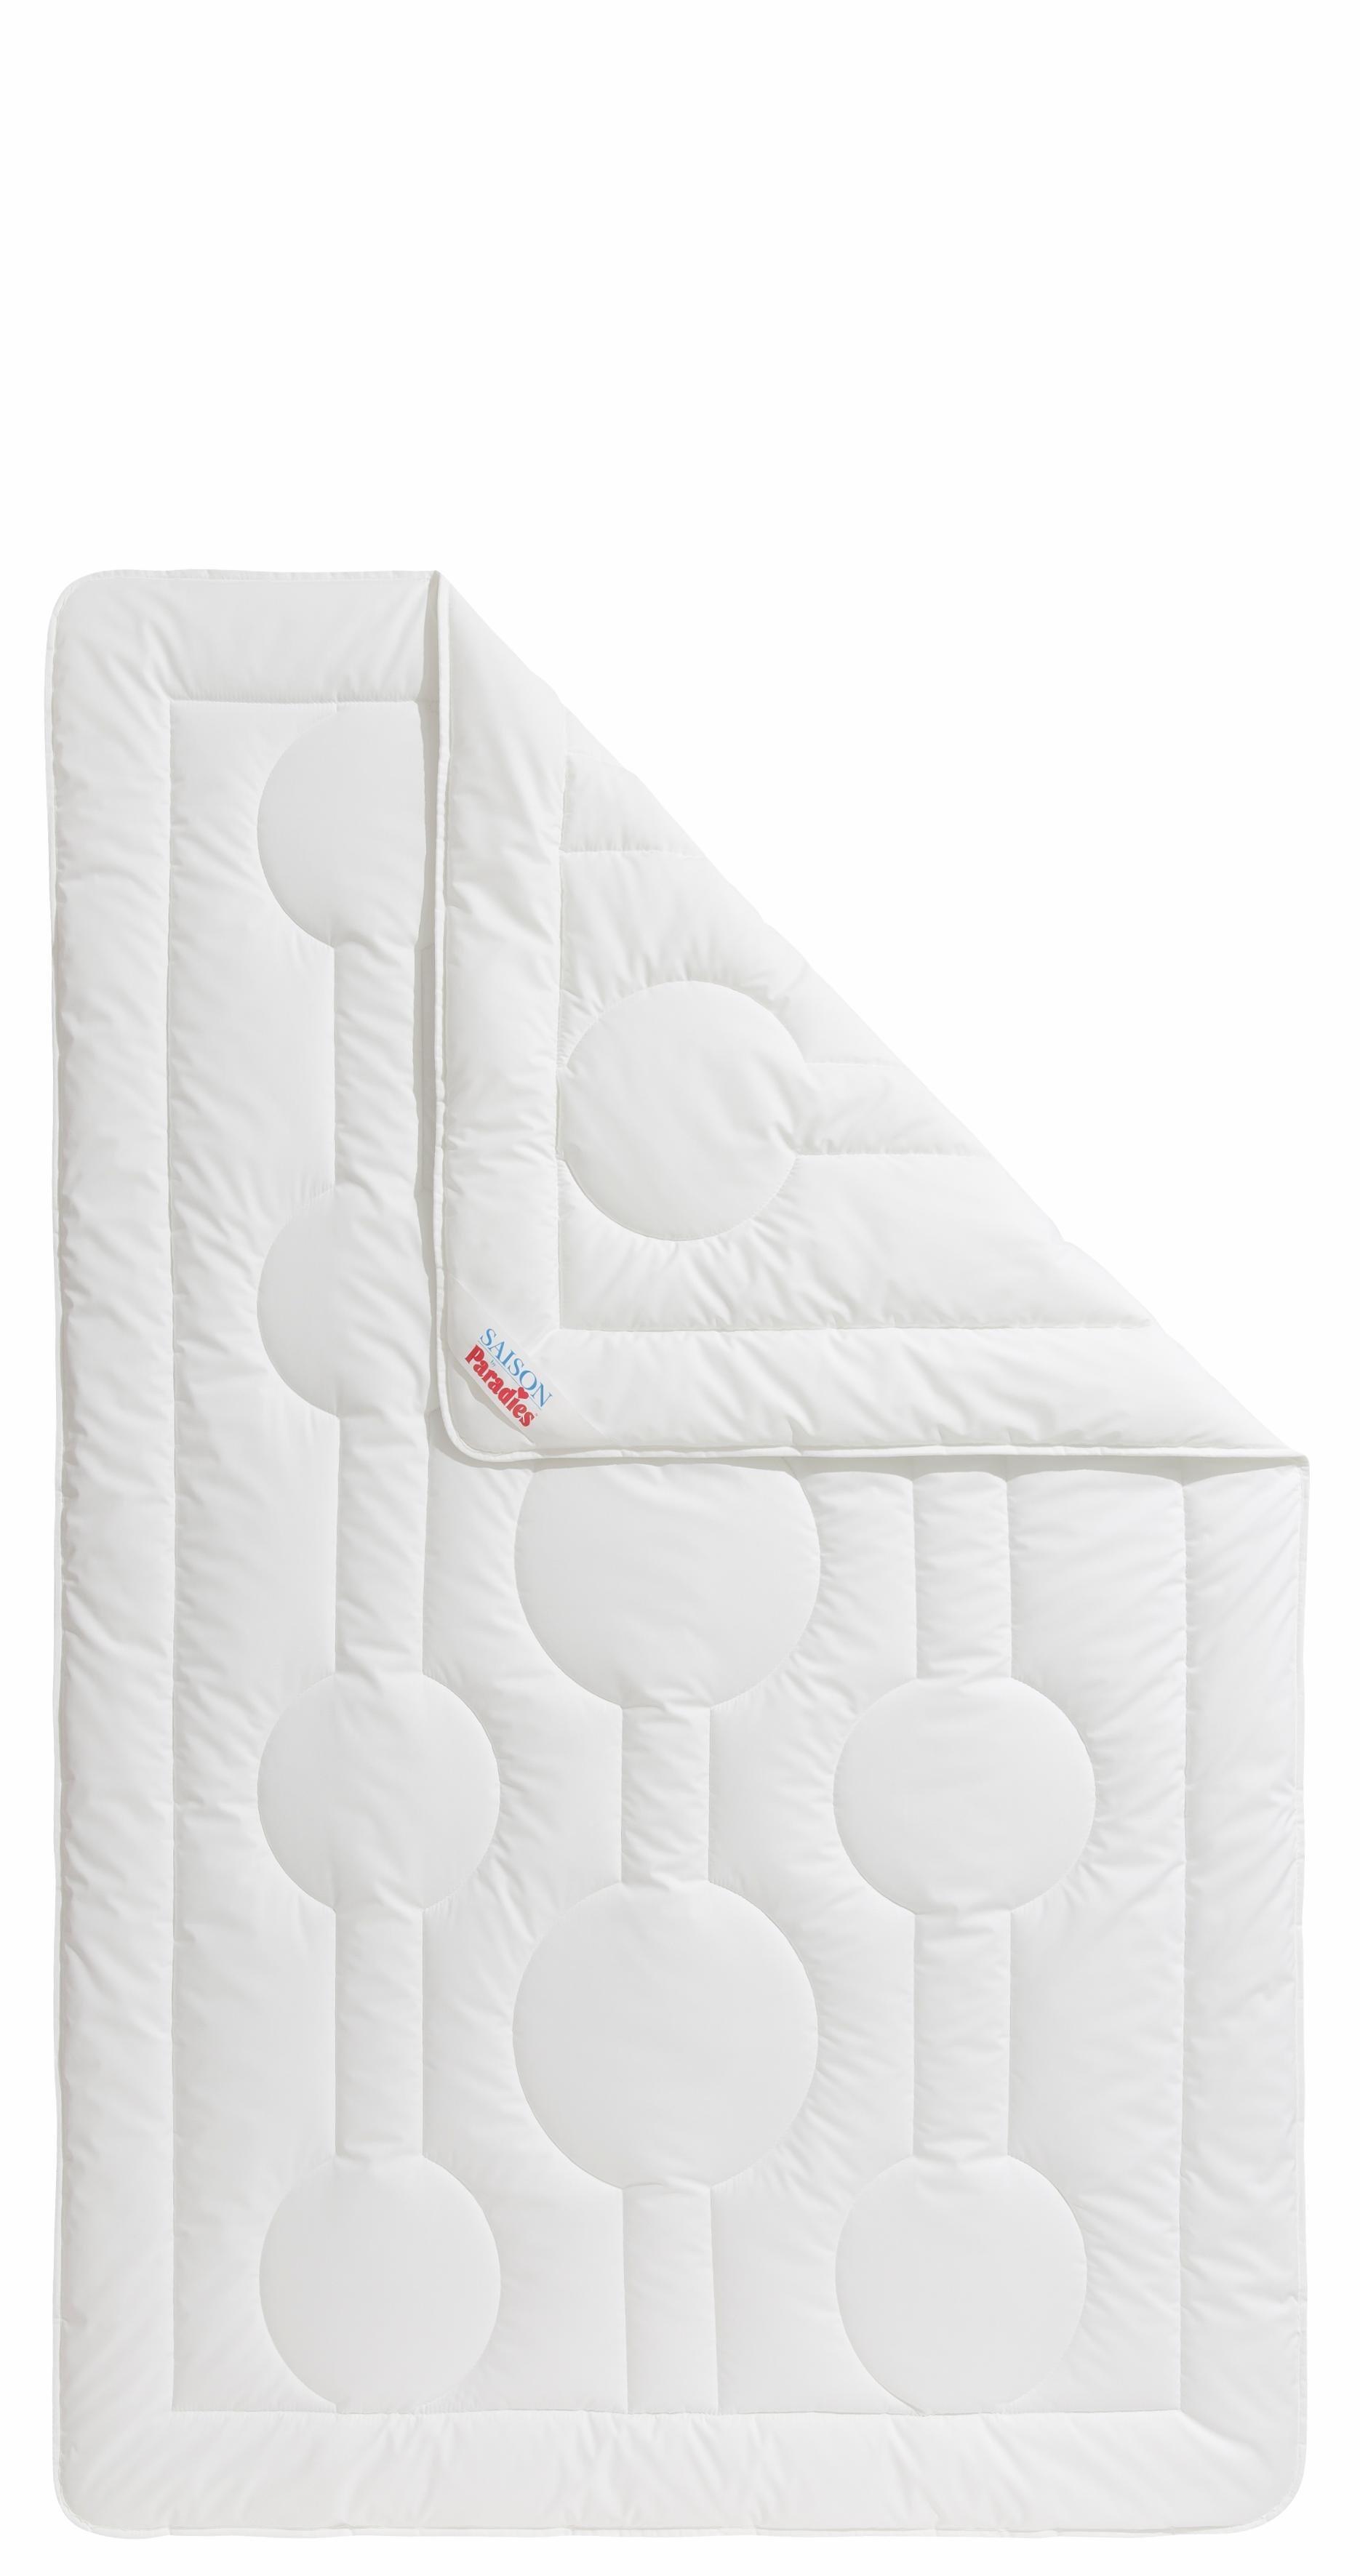 Microfaserbettdecke, »Holstein-Light SU 17«, Paradies, leicht, (1-tlg) | Heimtextilien > Decken und Kissen > Bettdecken | Baumwolle | Paradies